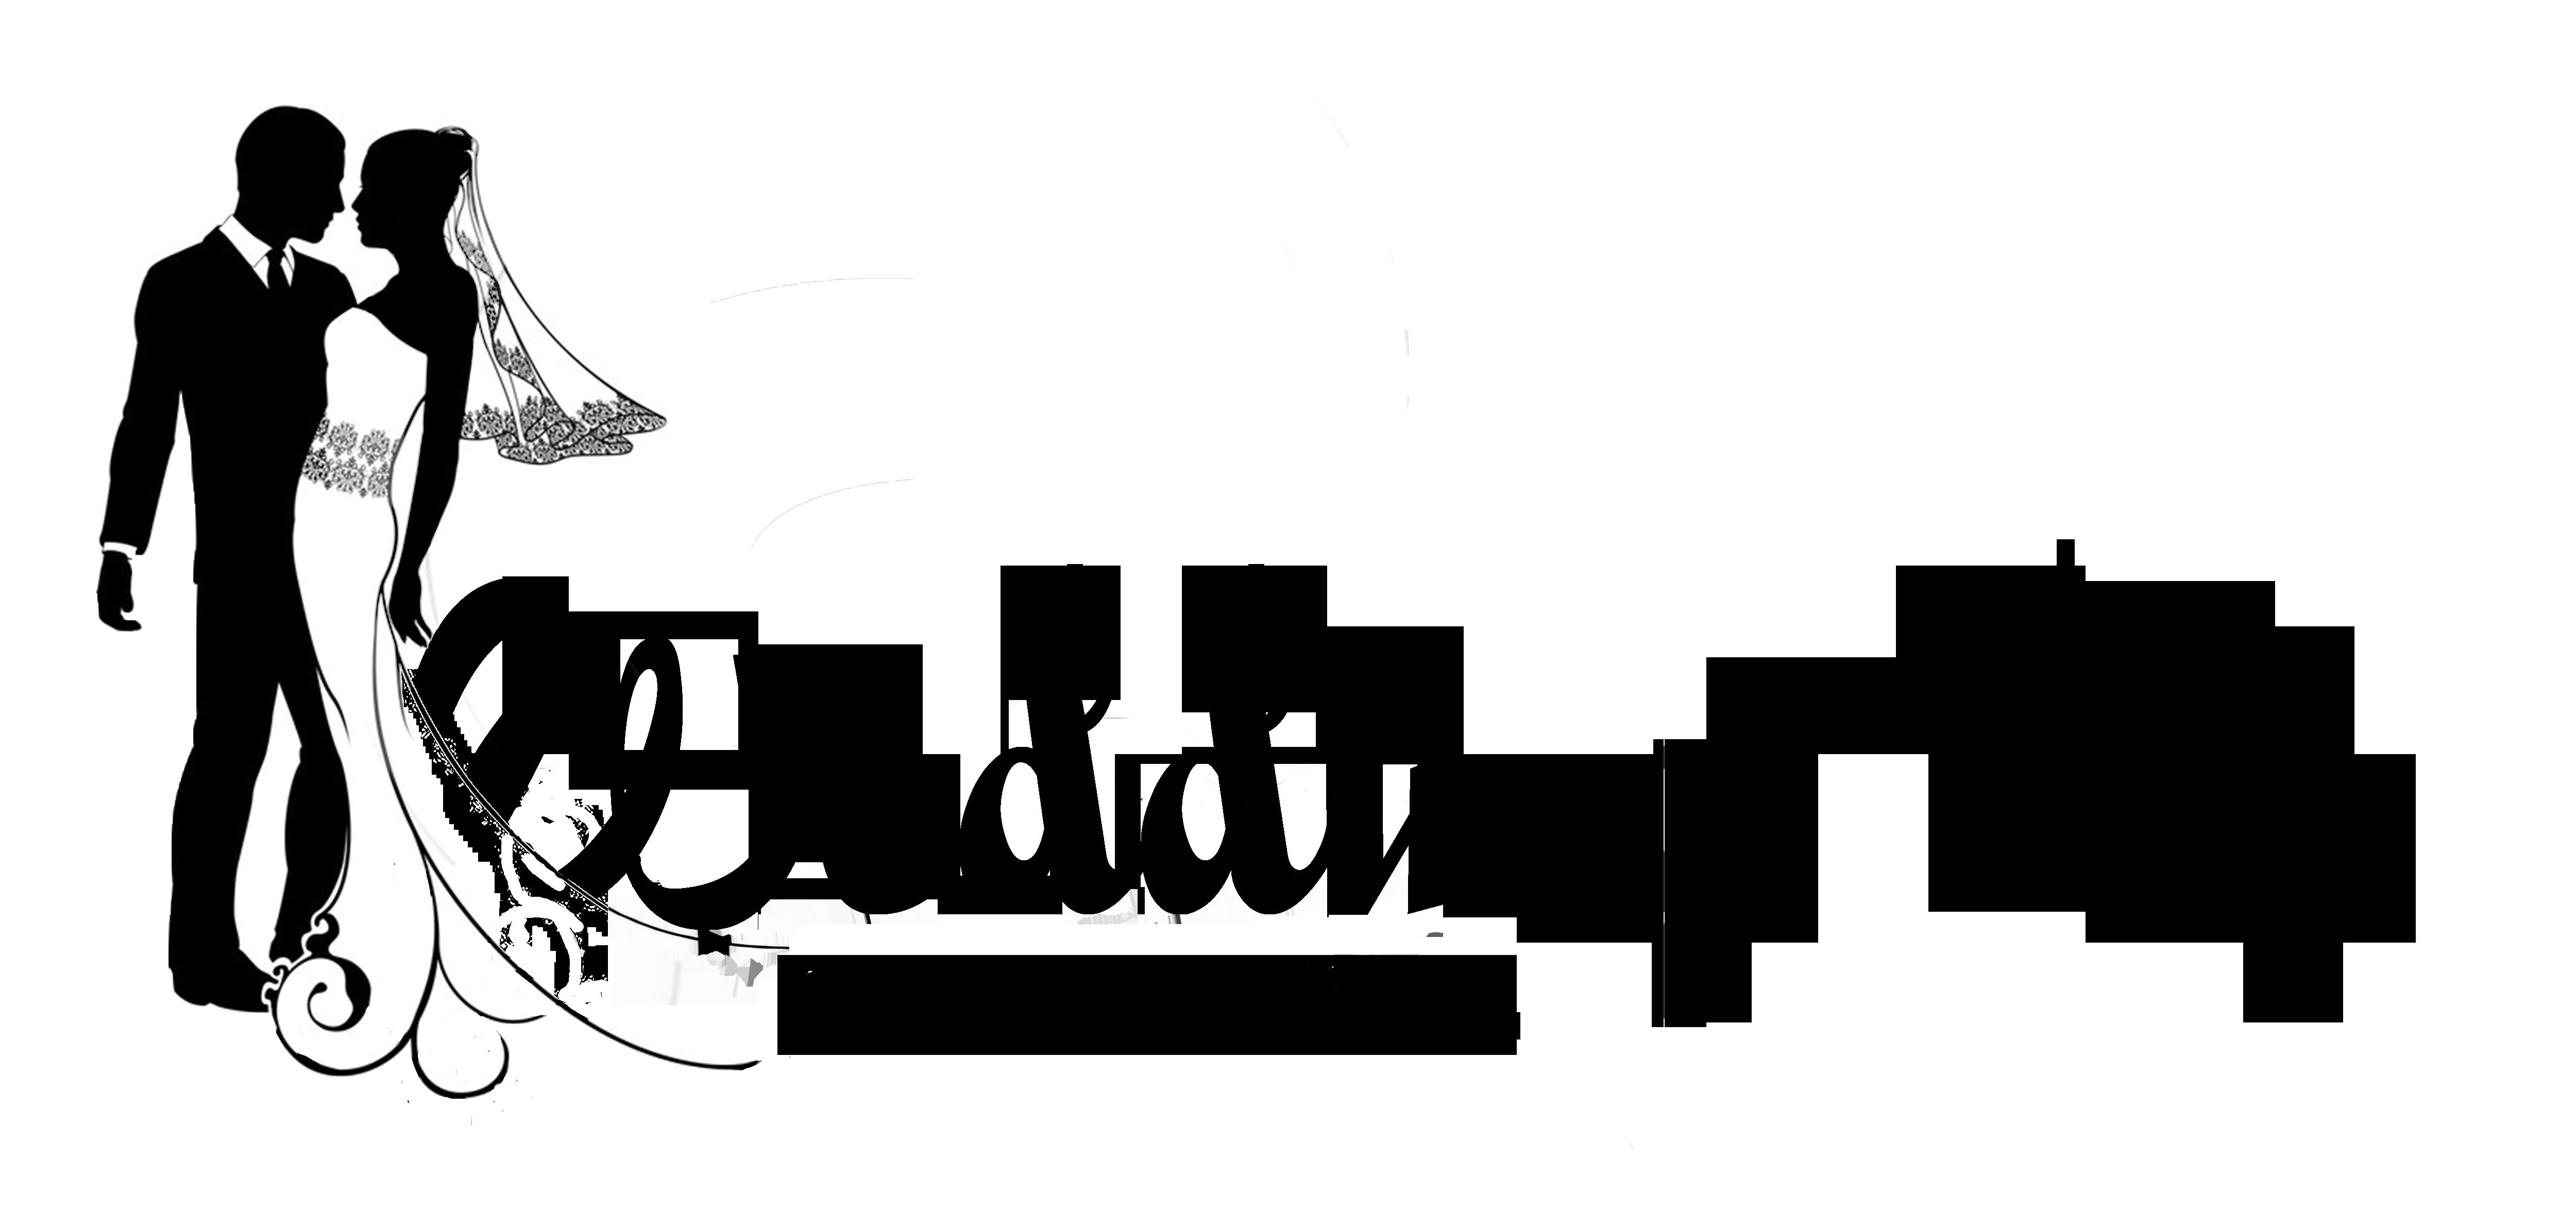 Dj clipart dj logo, Picture #925099 dj clipart dj logo.